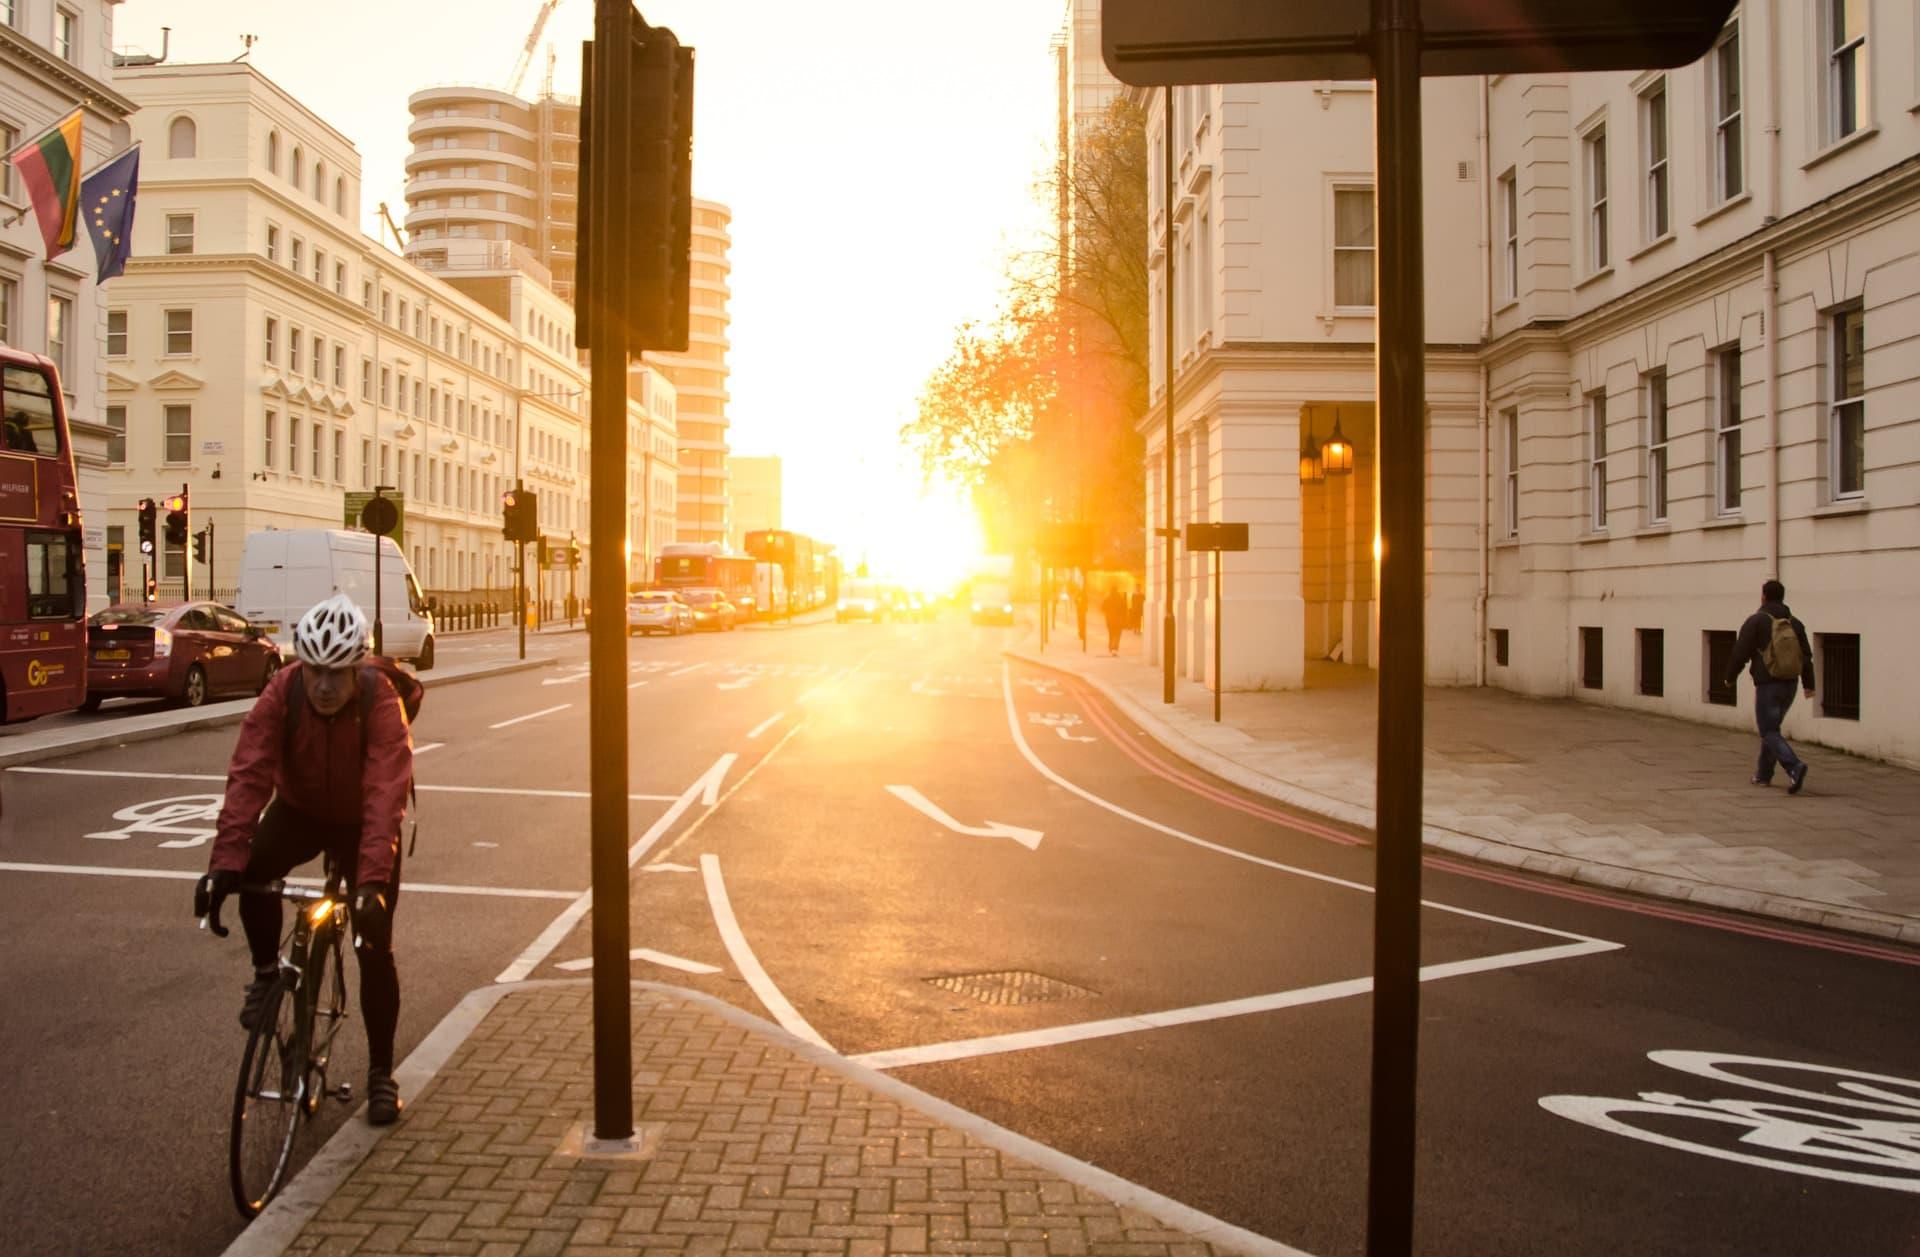 Symbolbild: Radverkehr in einer Stadt